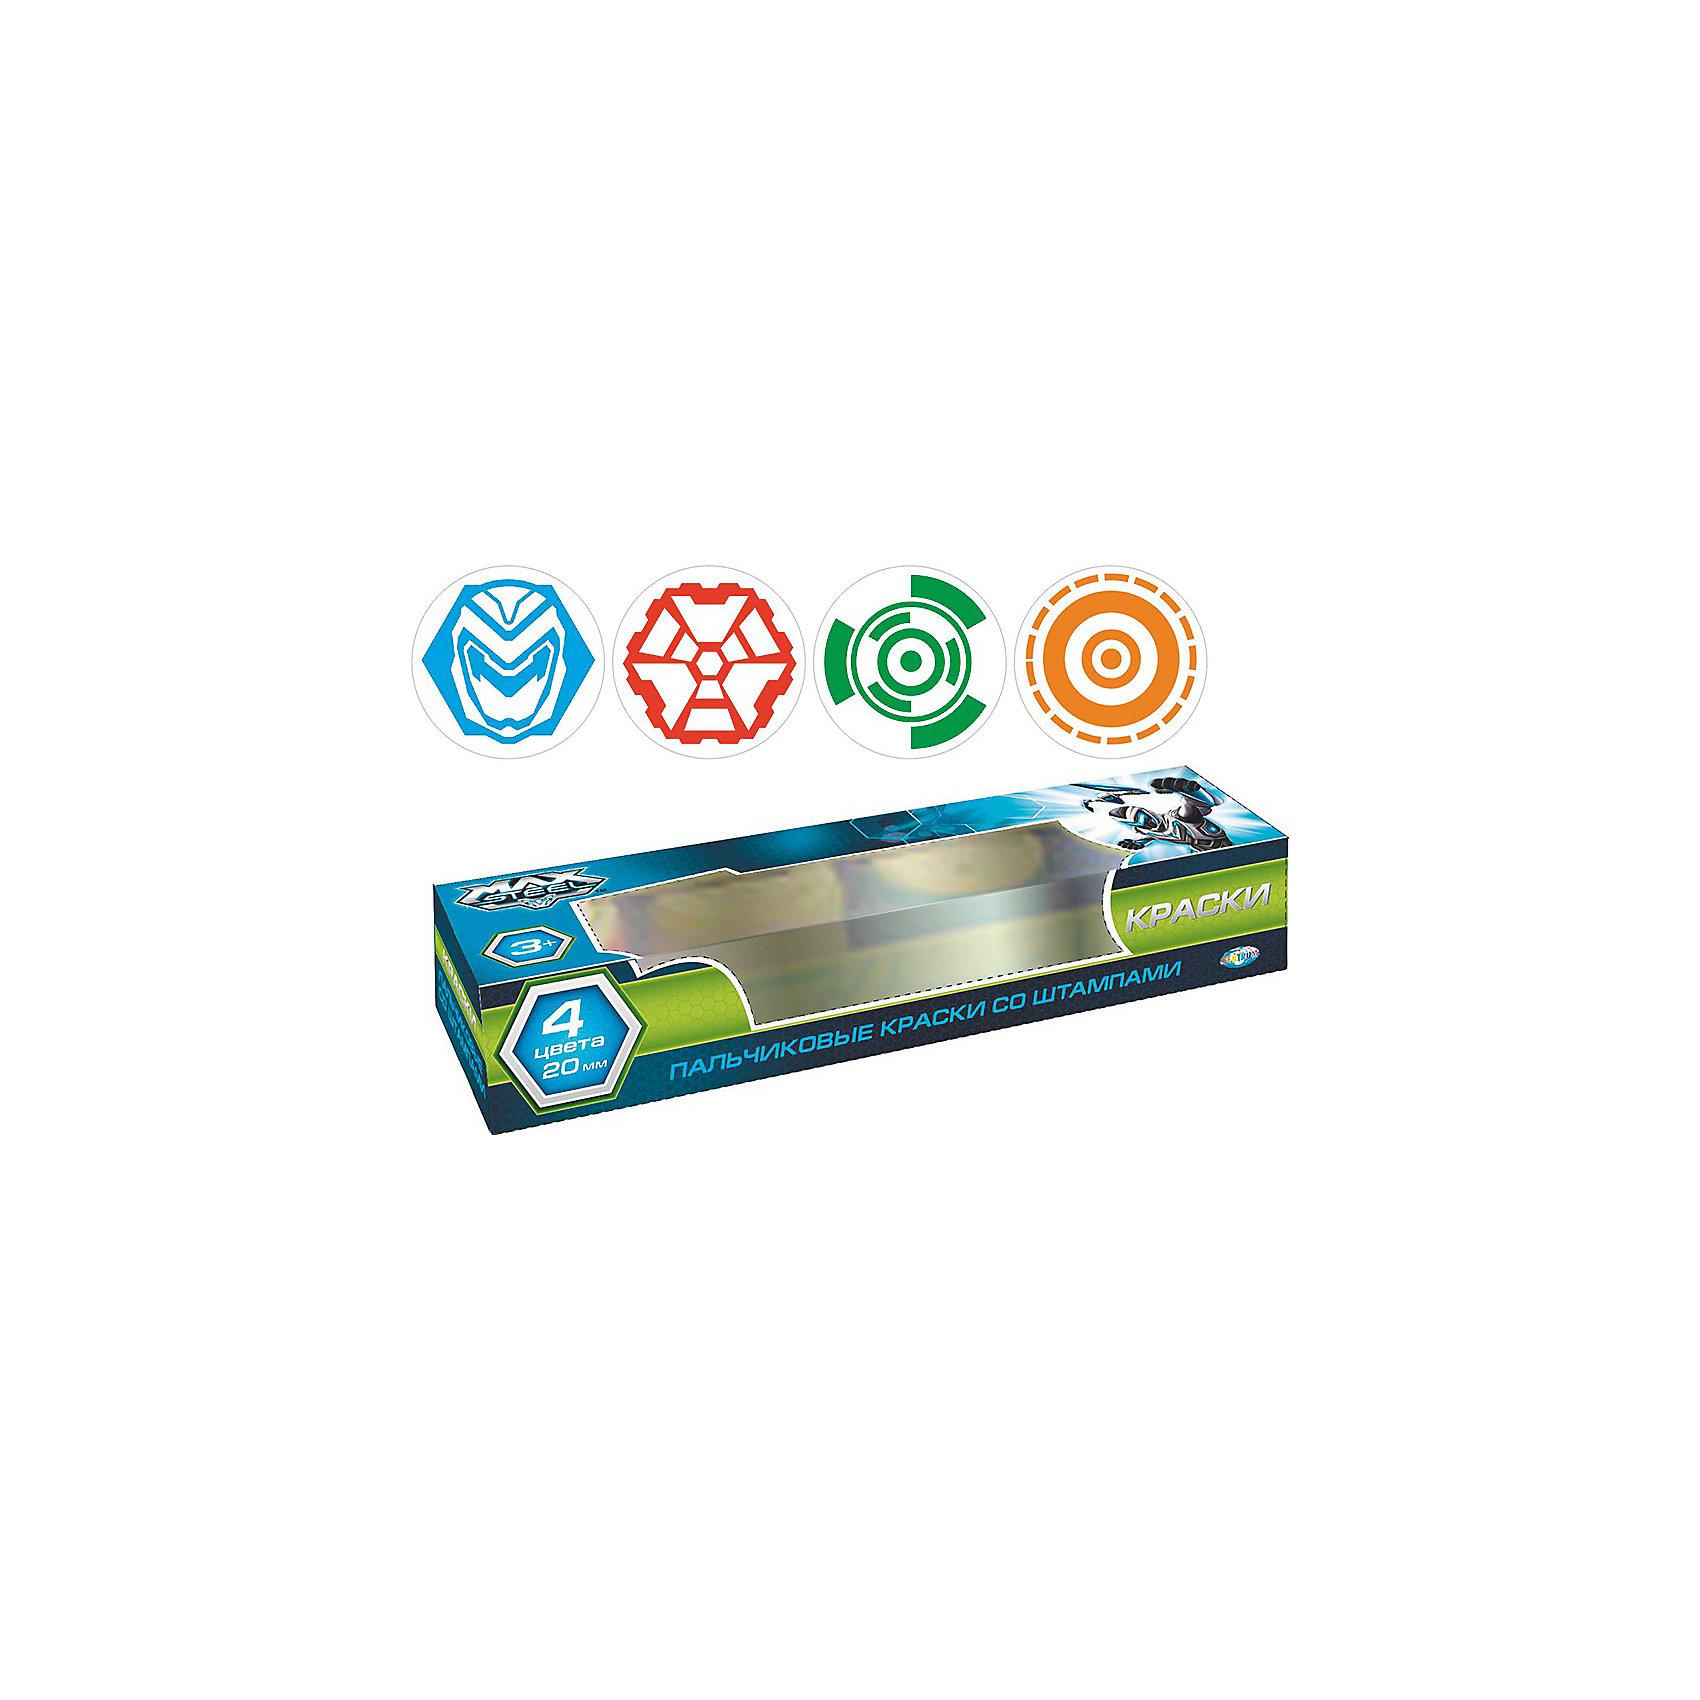 CENTRUM Большой набор пальчиковых красок, Max Steel набор для детского творчества набор веселая кондитерская 1 кг